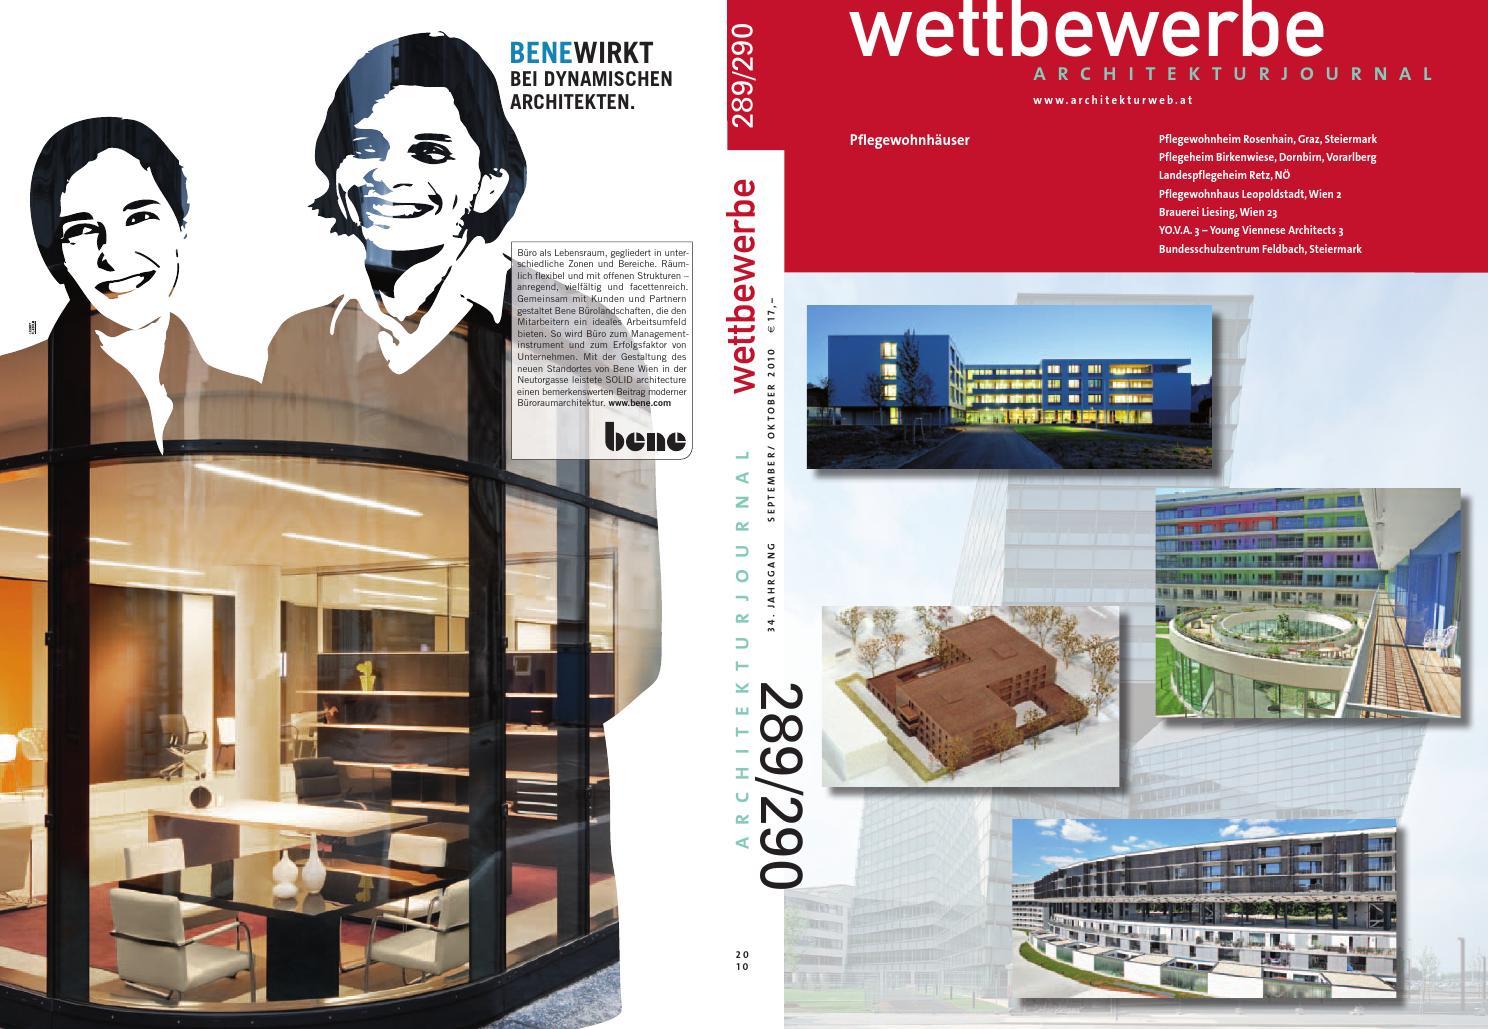 289/290 Sept/Okt 2010 by Architekturjournal wettbewerbe - issuu